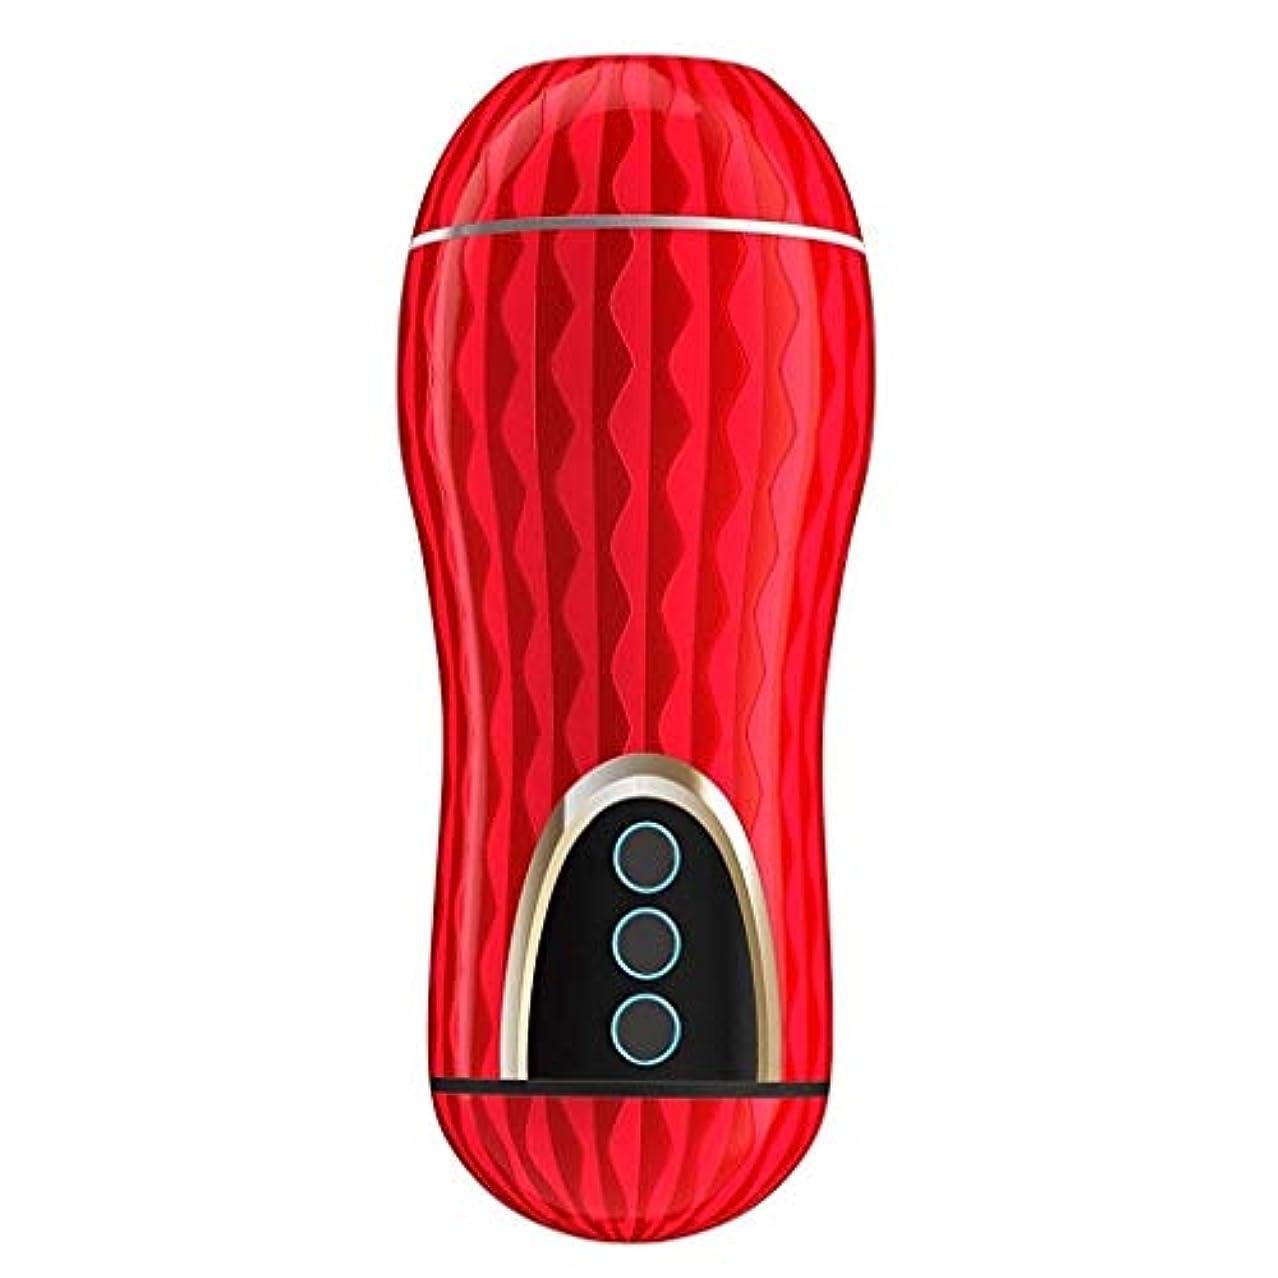 ブラウズ買い物に行くパワーセル男性リラクゼーションカップ吸いおもちゃシリコンSùctìオンカップルプレイ、男性専用包装用のカッププレジャーベストギフト (Color : 赤)